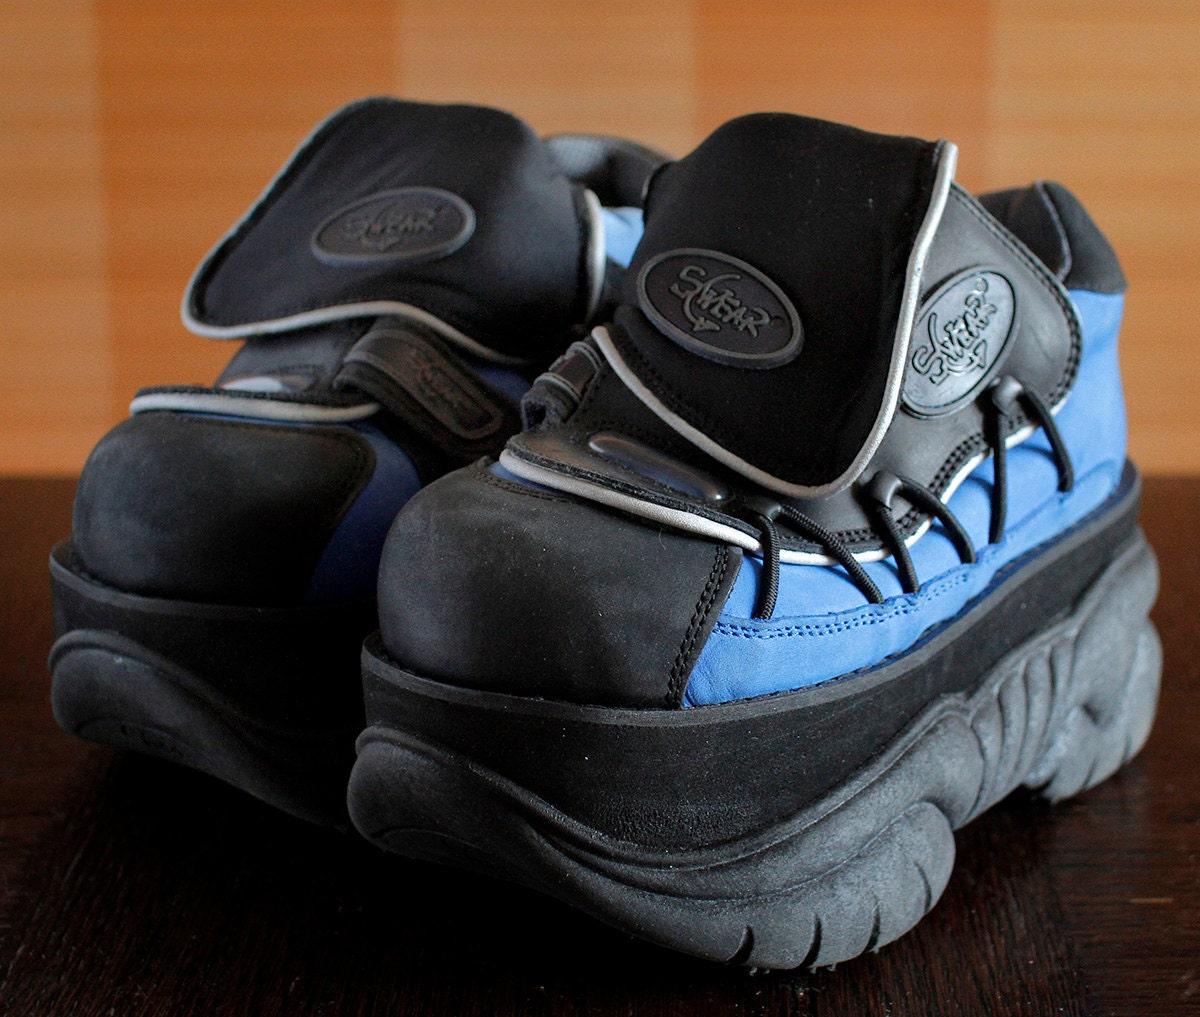 swear cyber platform shoes